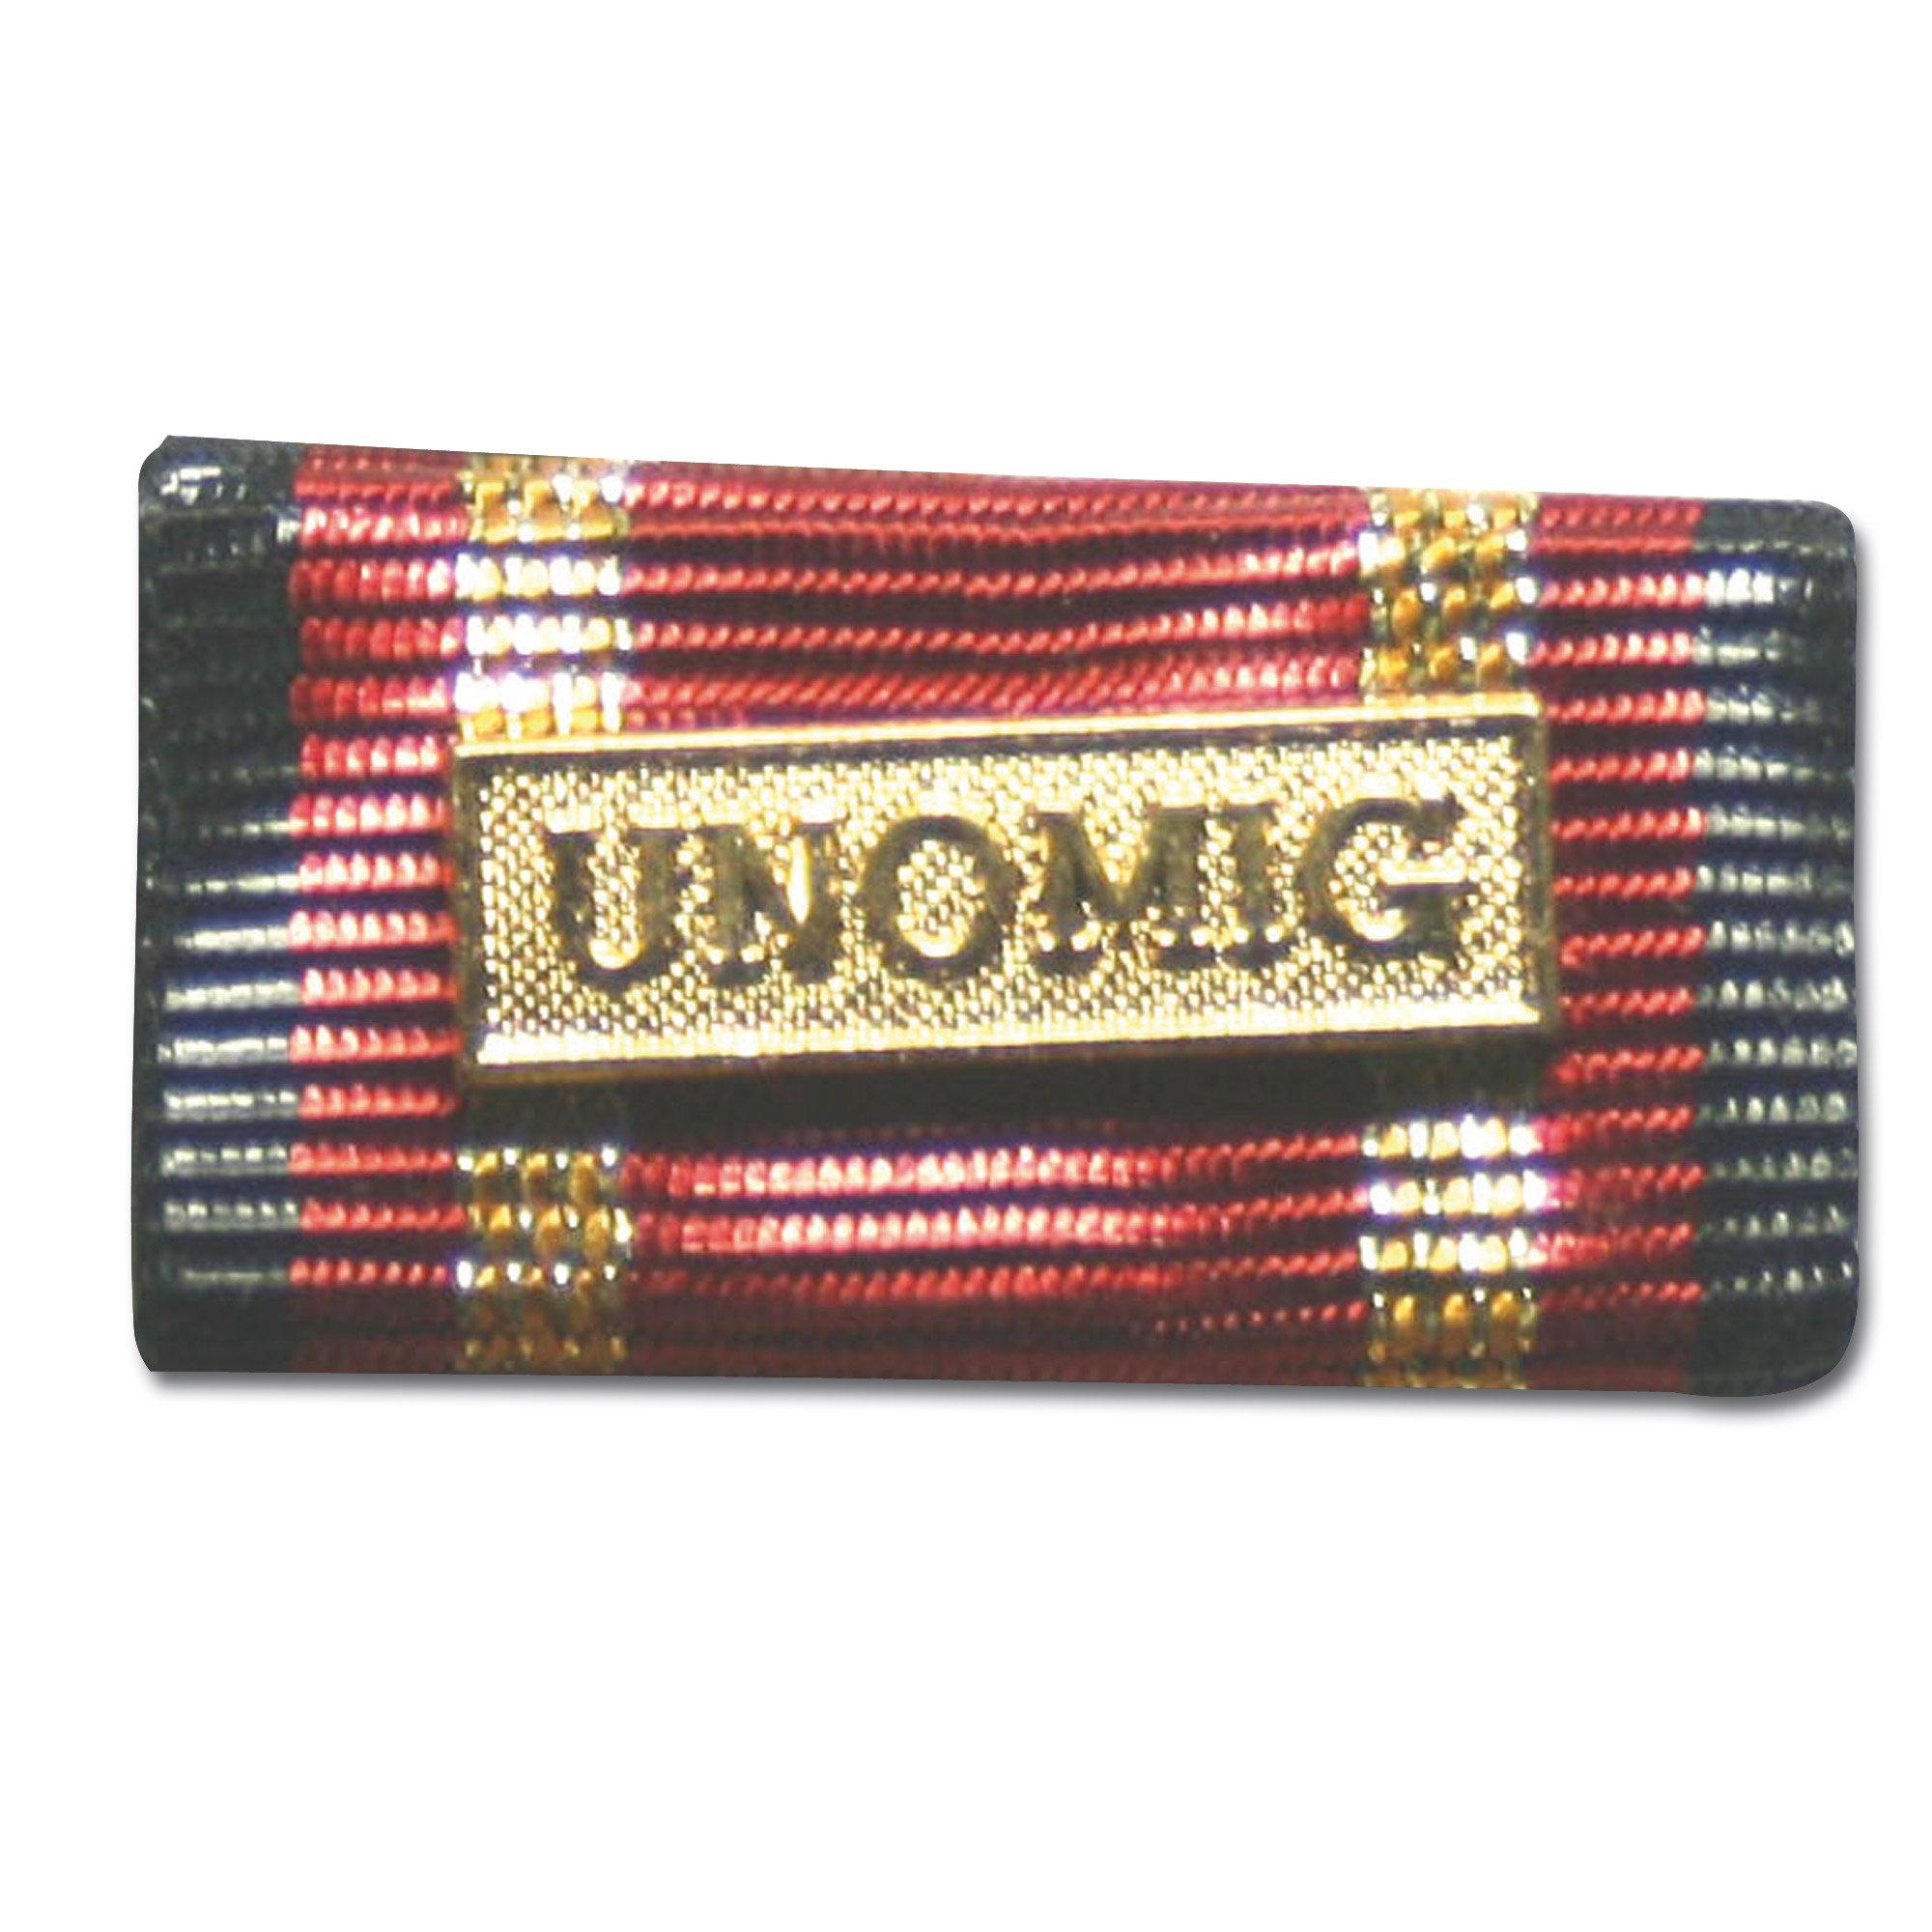 Medalla al servicio UNOMIG dorada